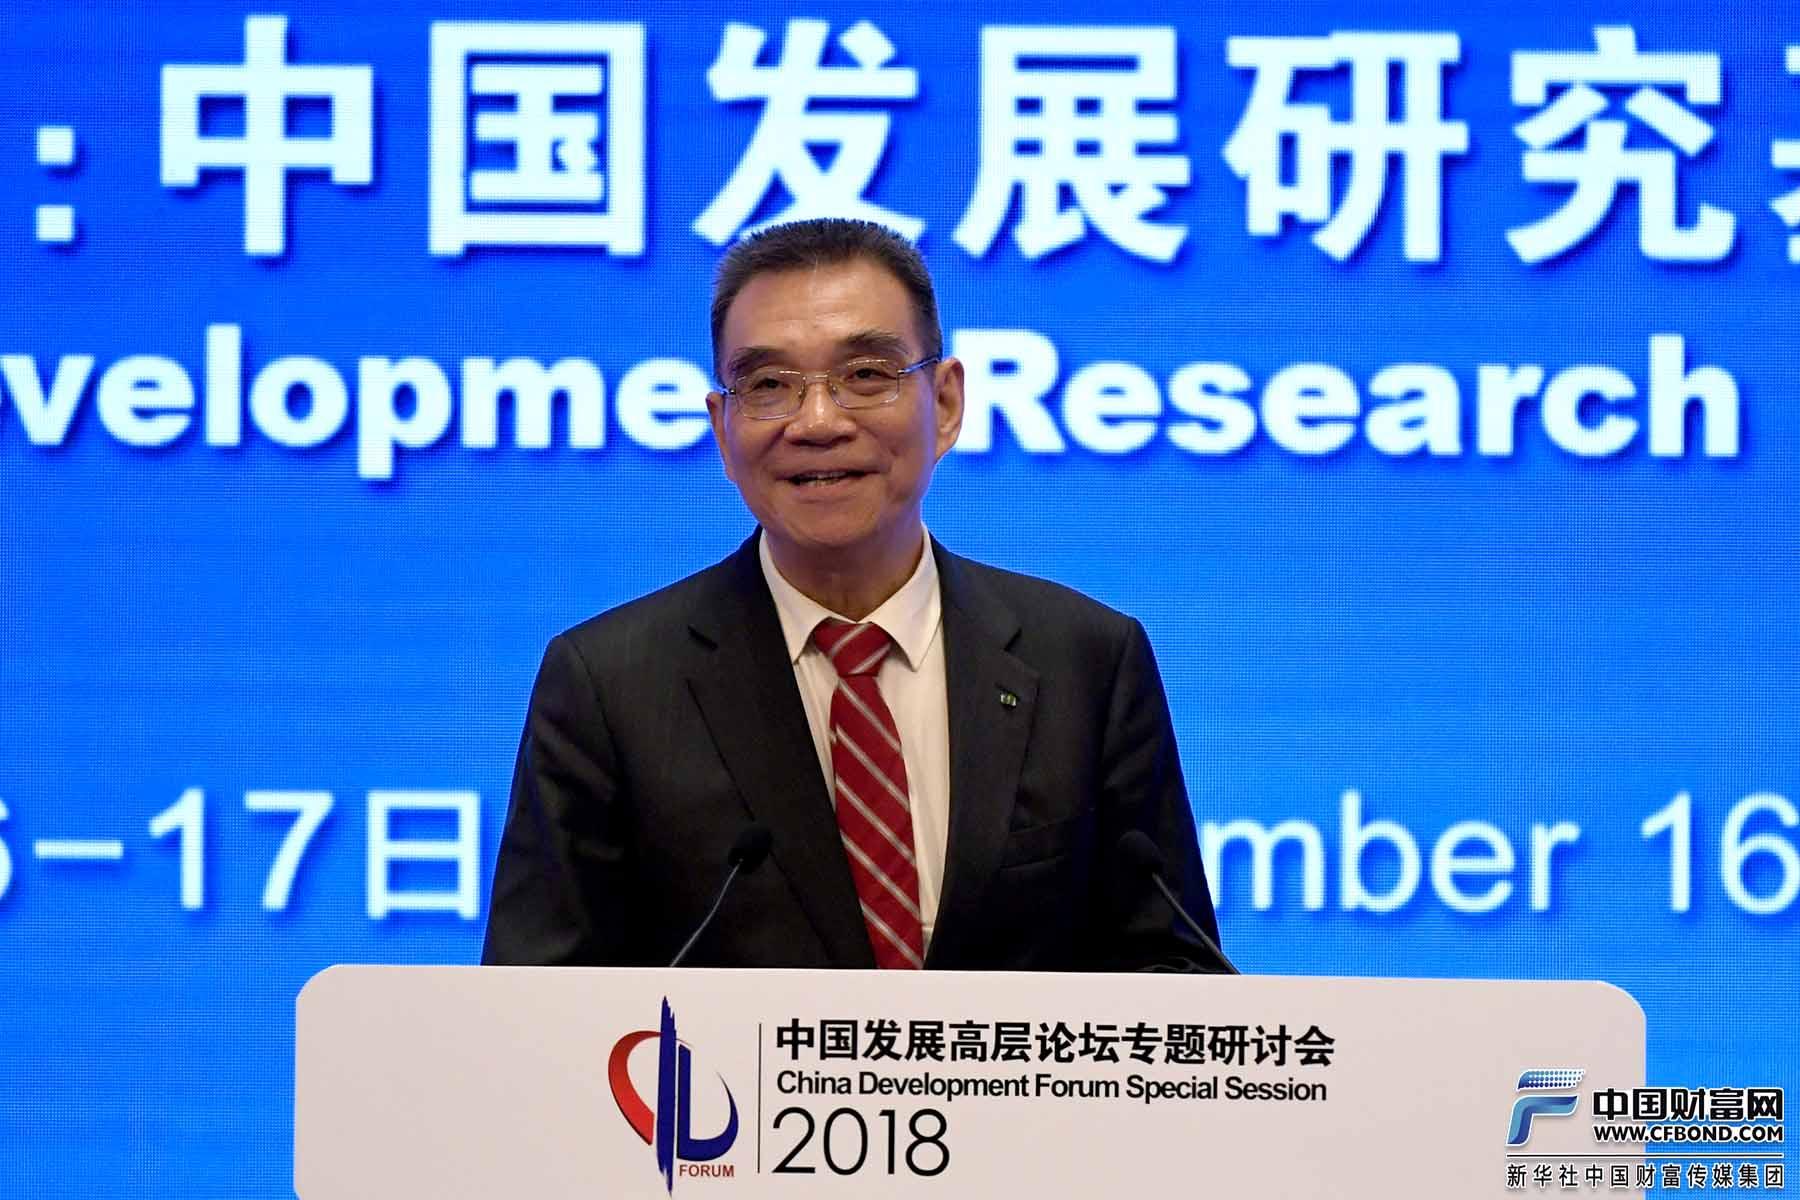 北京大学国家发展研究院名誉院长、教授林毅夫发表演讲